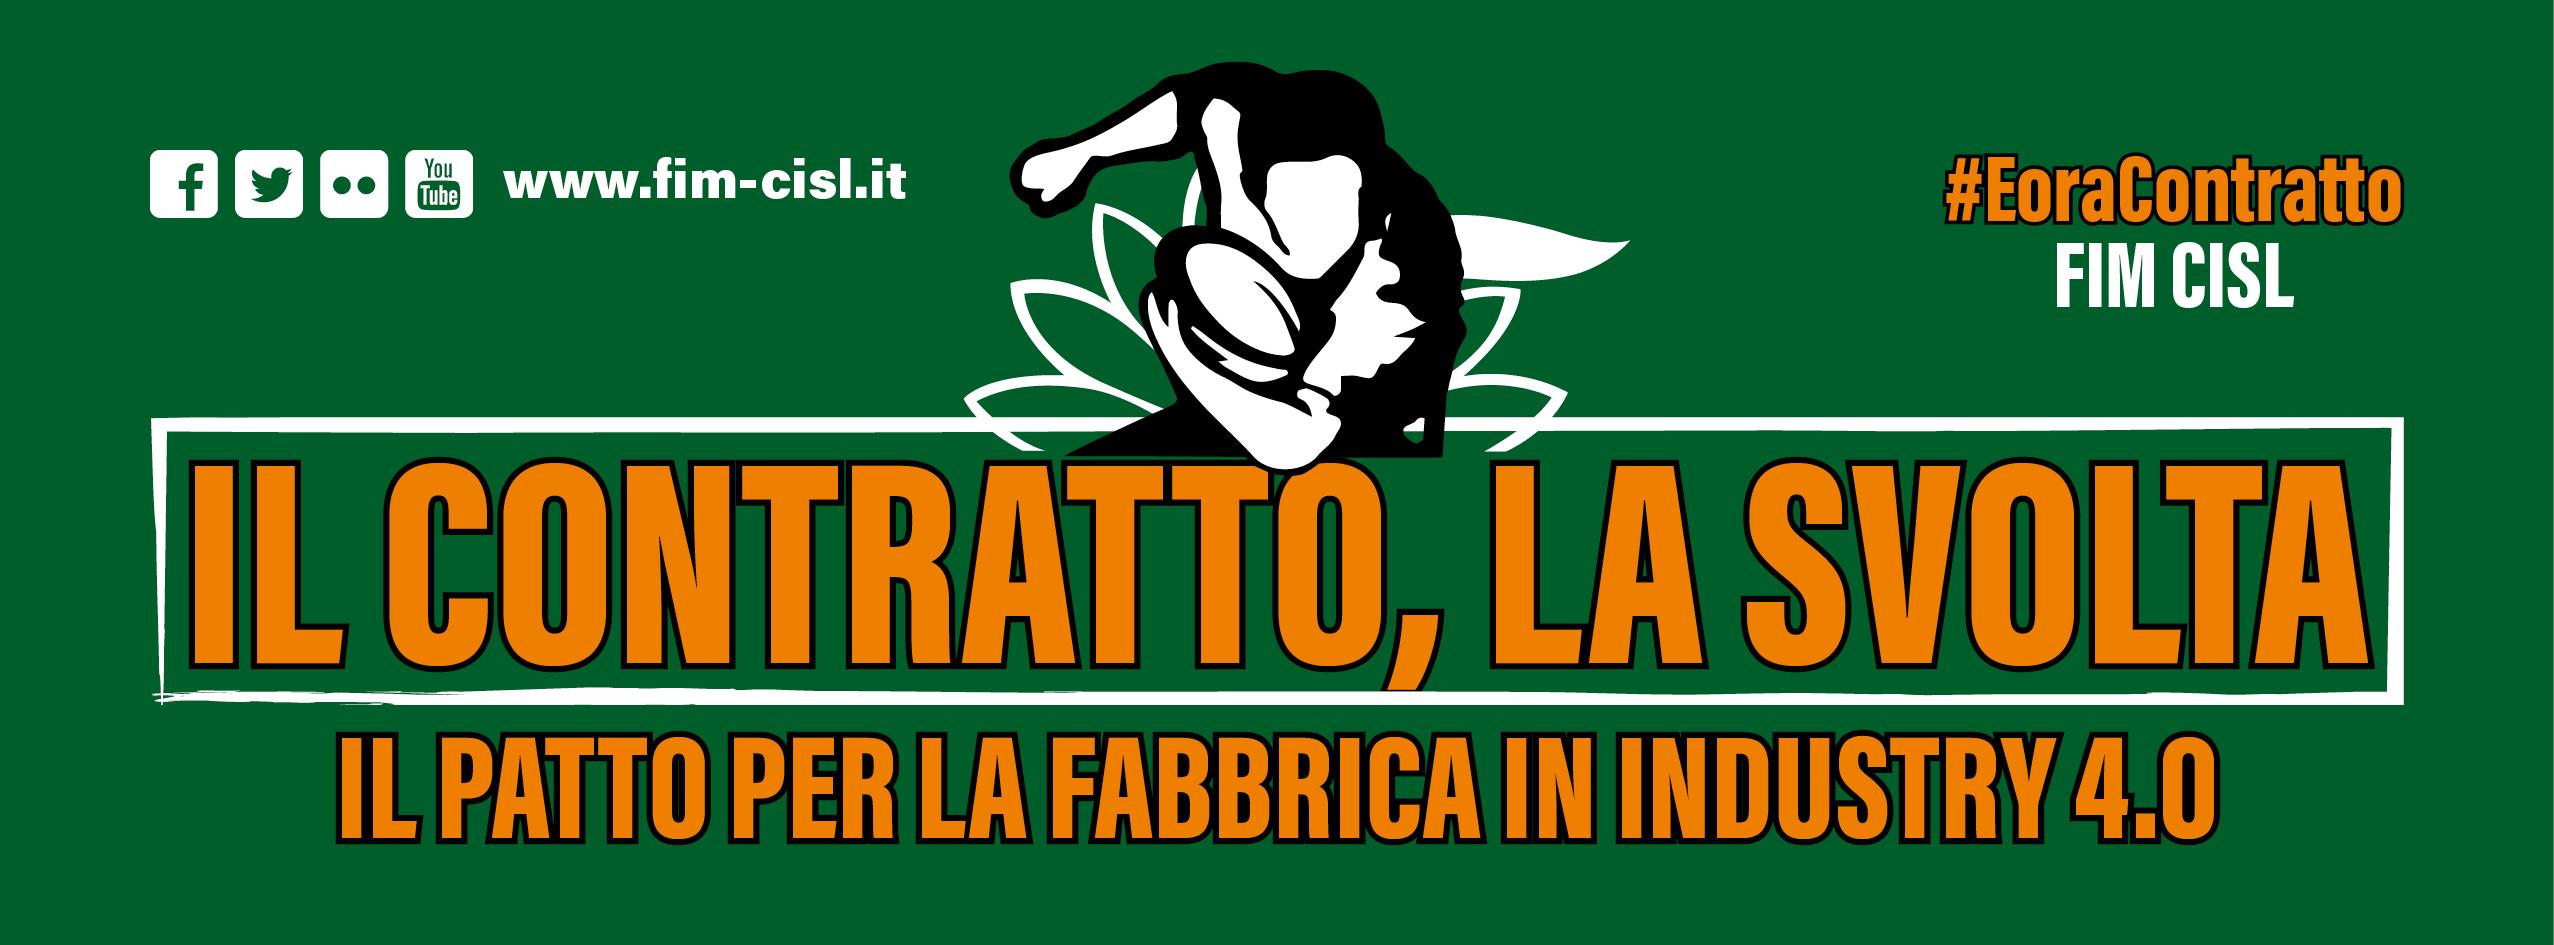 banner-fb-contratto-storico3